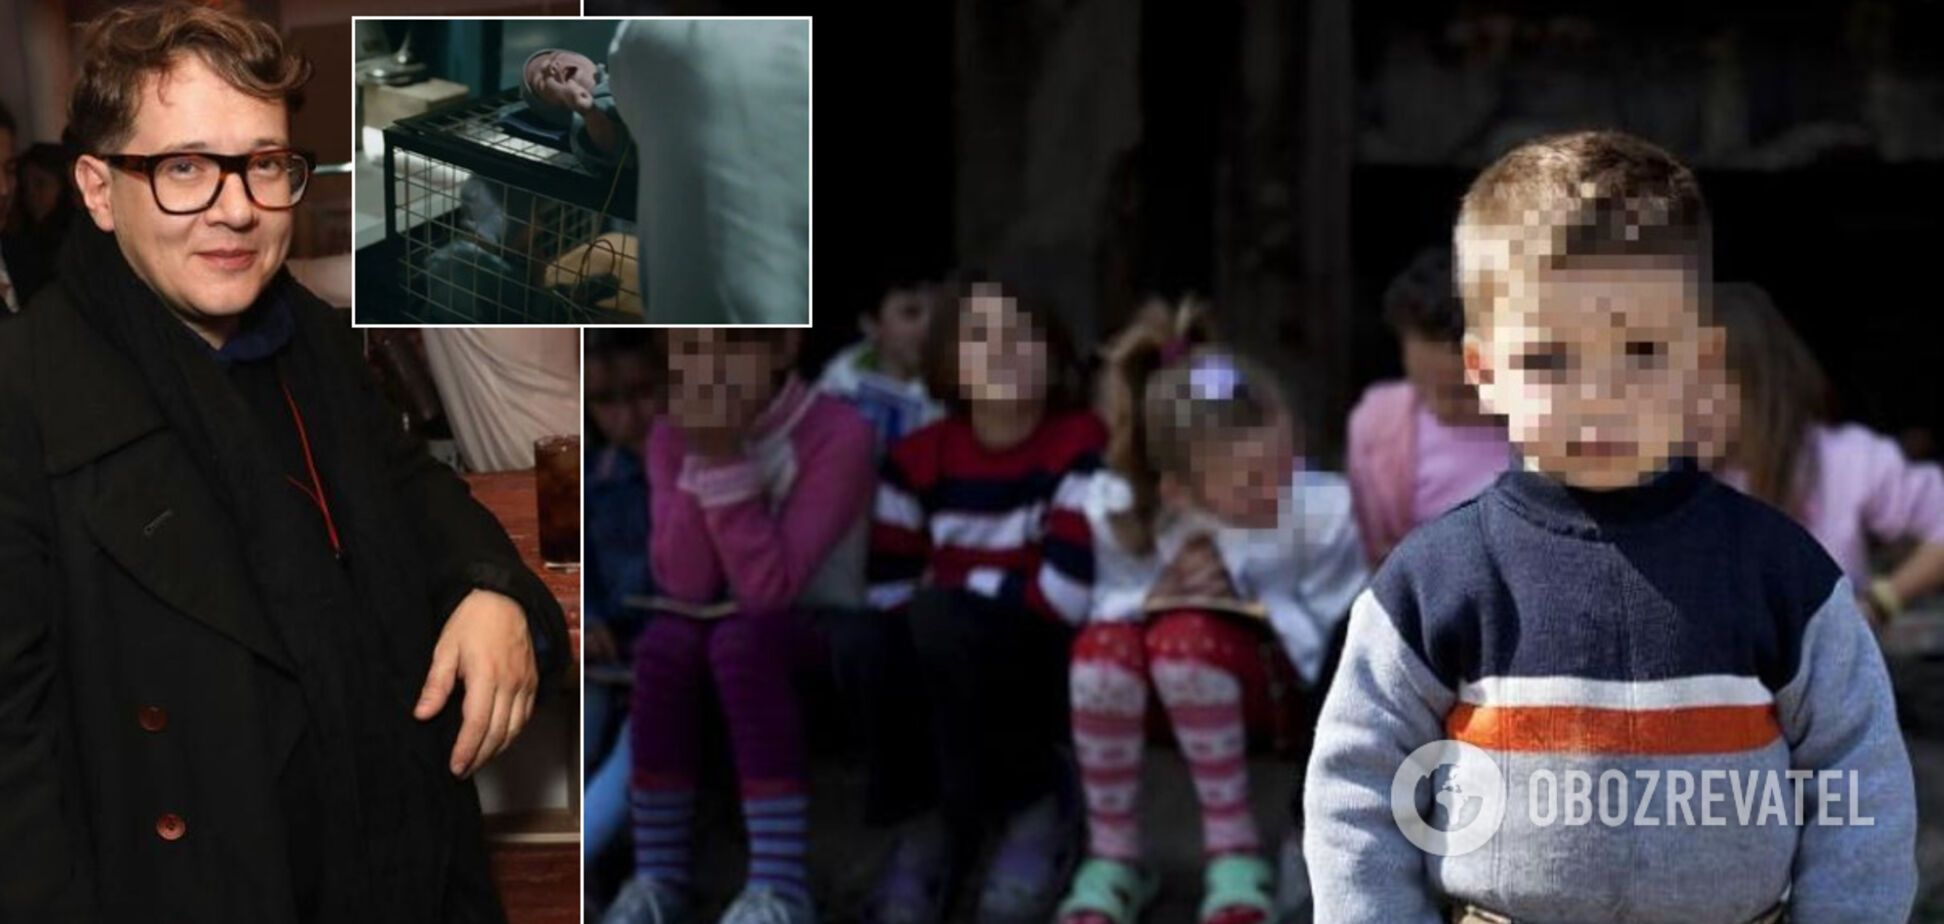 'Дау. Дегенерация': почему дети могут вырасти маньяками, а виновных не привлекут к ответственности